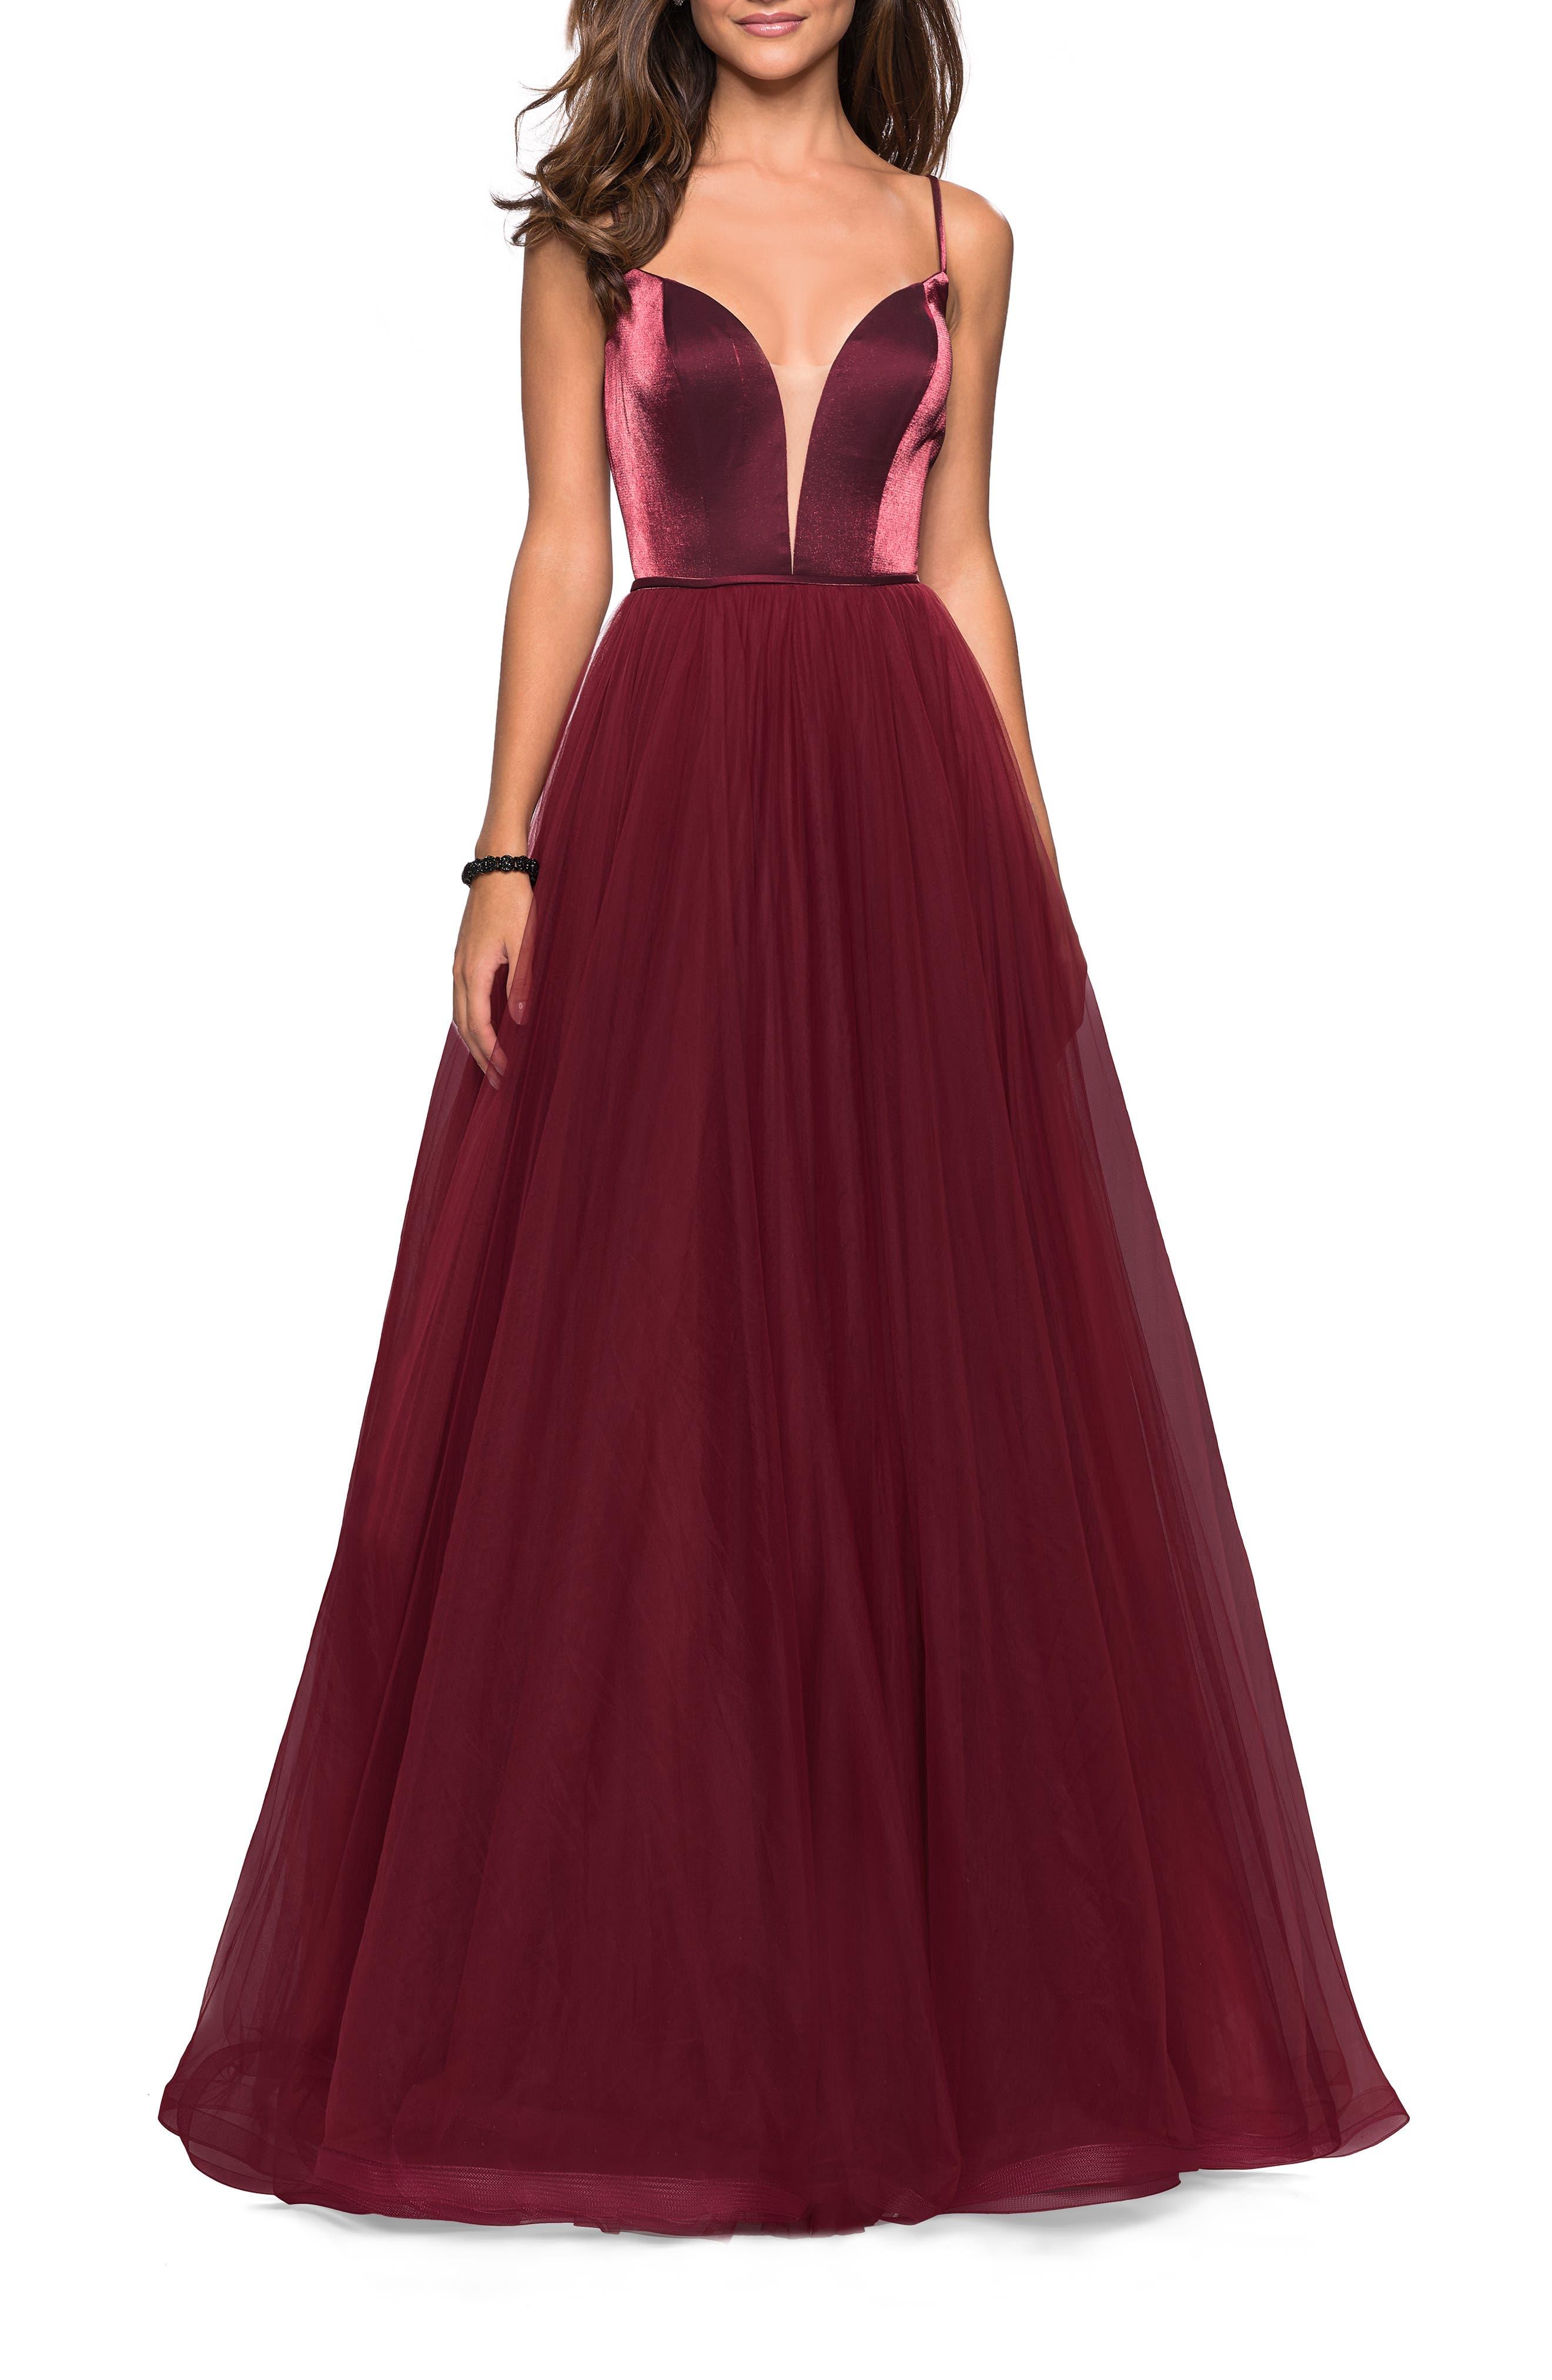 Velvet & Tulle Evening Dress, Main, color, BURGUNDY